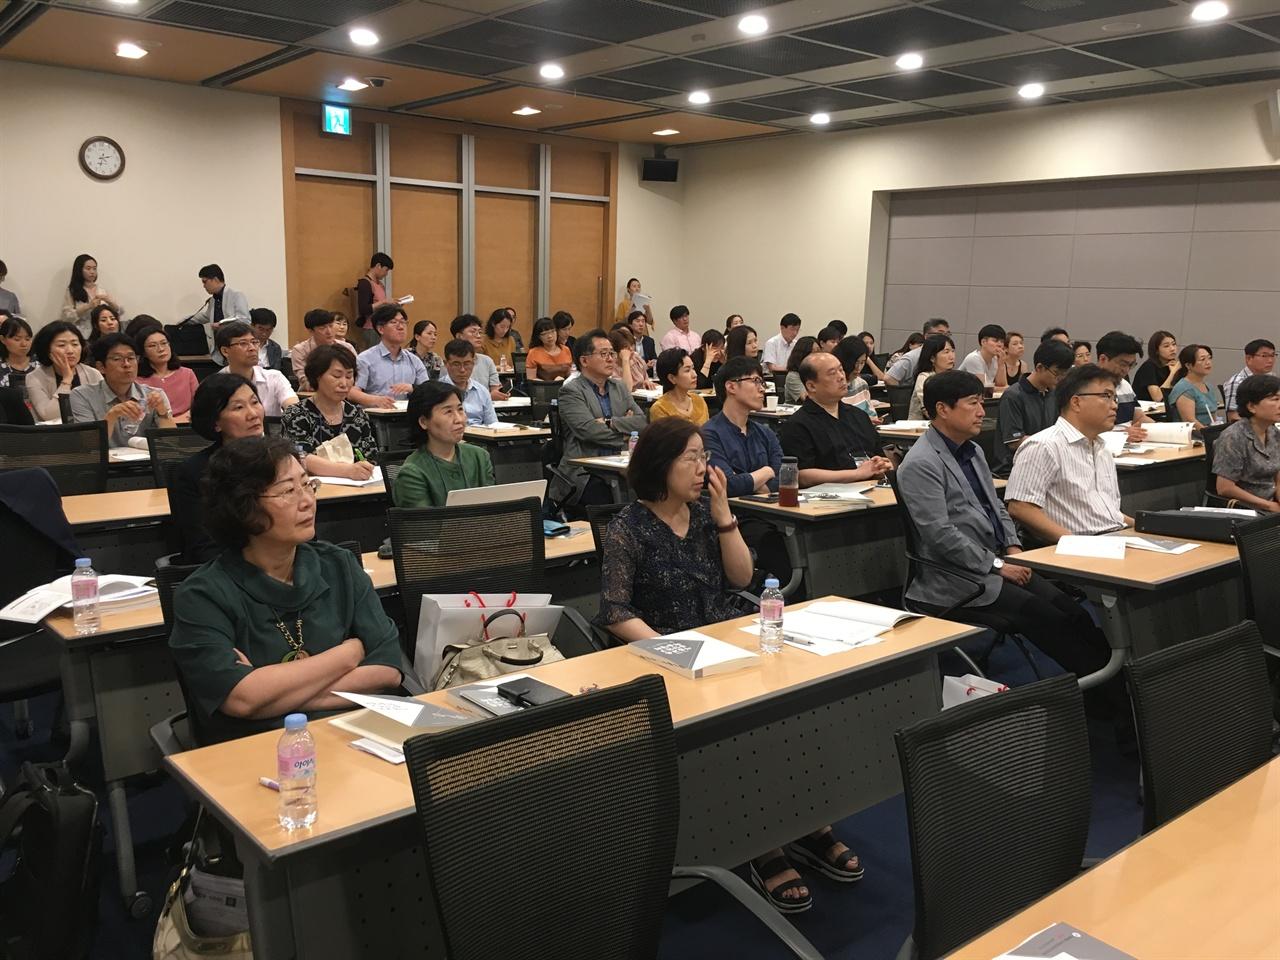 서울연구종단연구 학술대회 대한상공회의소에서 열린 학술대회 사잔